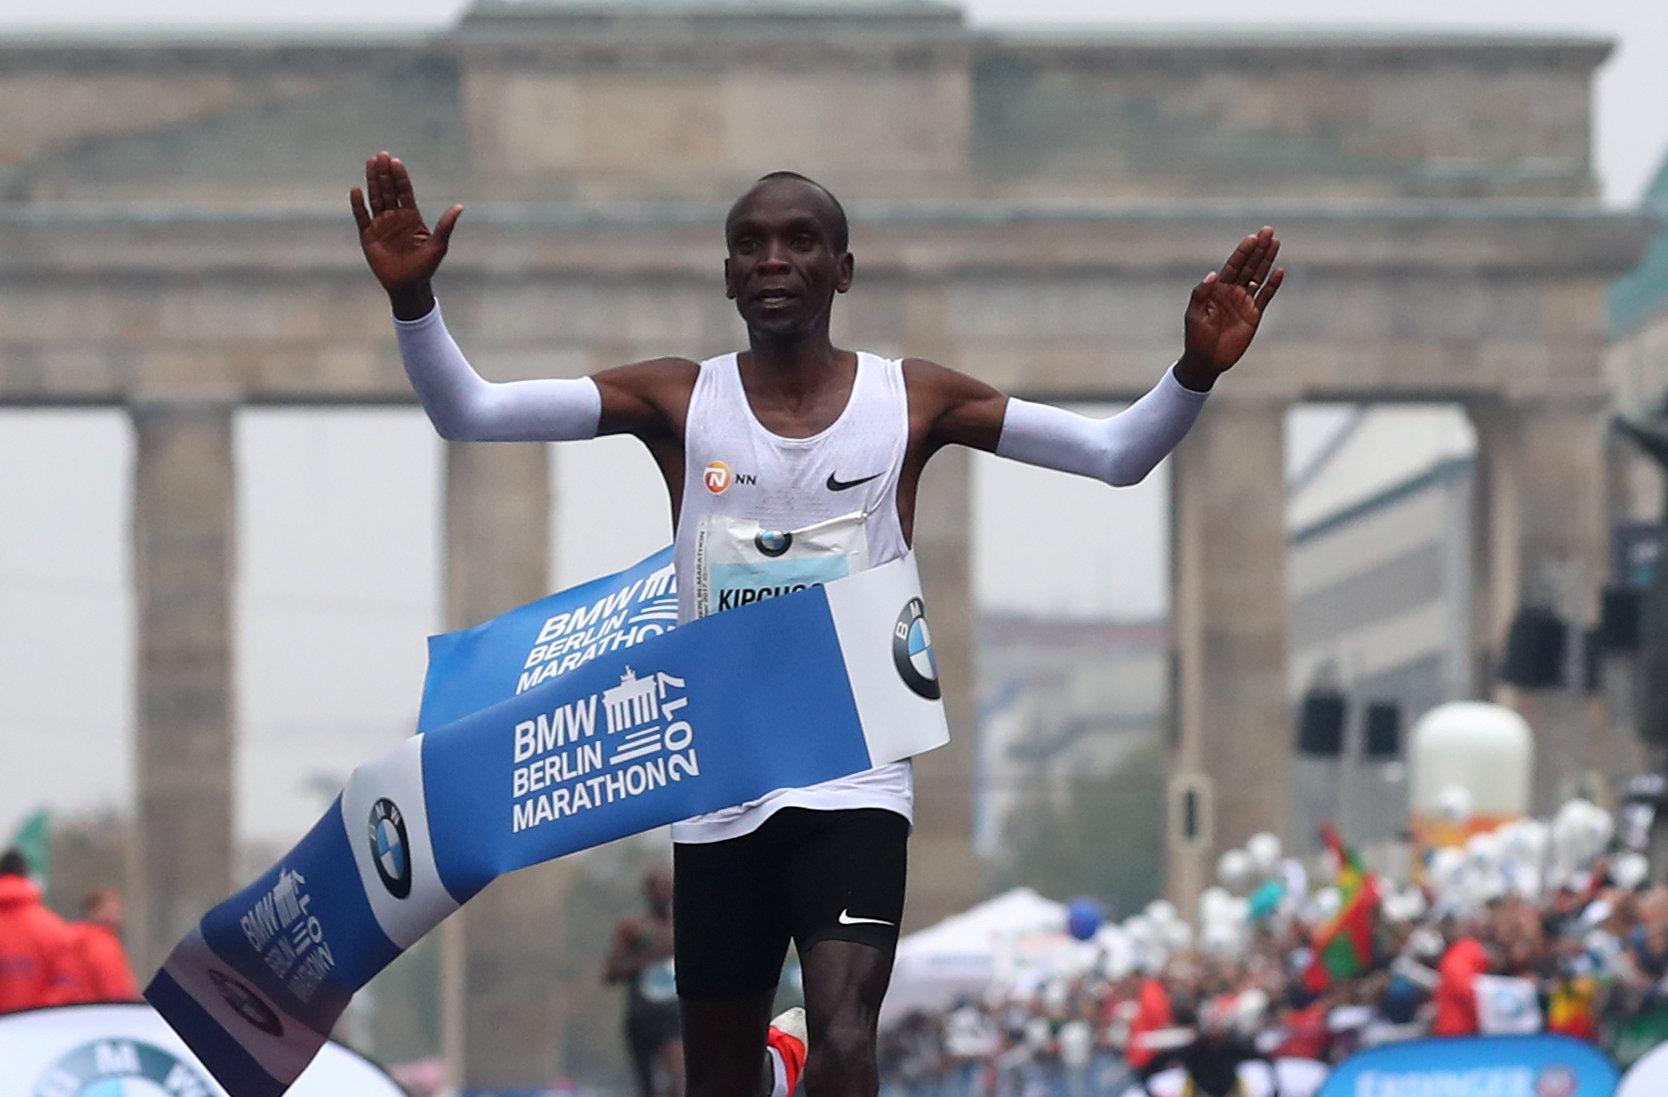 PÚBLICO - Kipchoge ganha maratona de Berlim, mas recorde do mundo permanece de pé